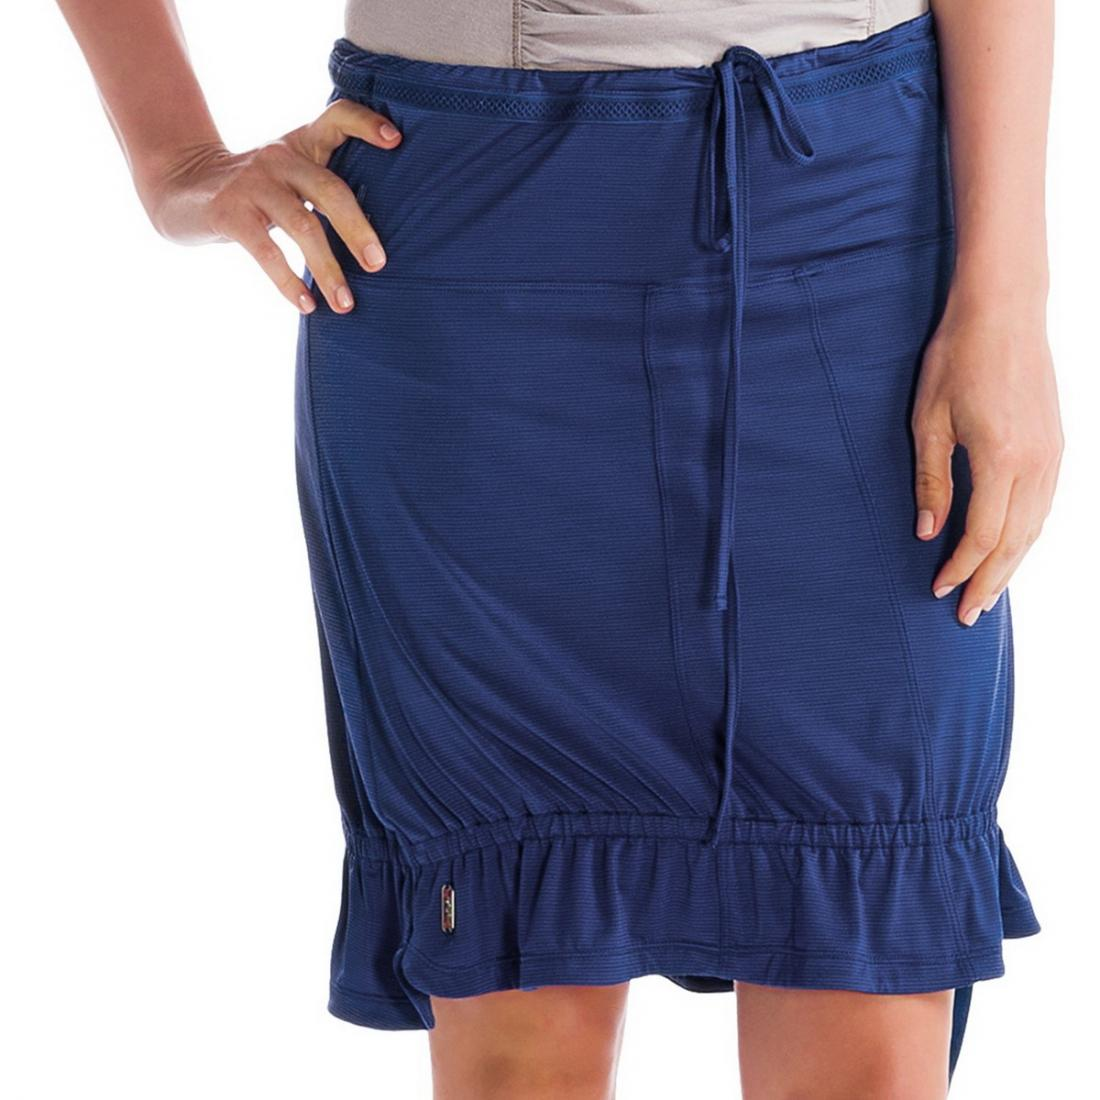 Юбка LSW0988 TOURING 2 SKIRTЮбки<br><br> Модель Lole Touring 2 Skirt LSW0988 – это универсальное решение, которое можно носить как юбку, и как топ. Просто отрегулируйте завязки на поясе, чтобы она держалась на талии или на груди.<br><br><br><br><br> Юбка изготовлена из дышащей мягкой...<br><br>Цвет: Синий<br>Размер: M